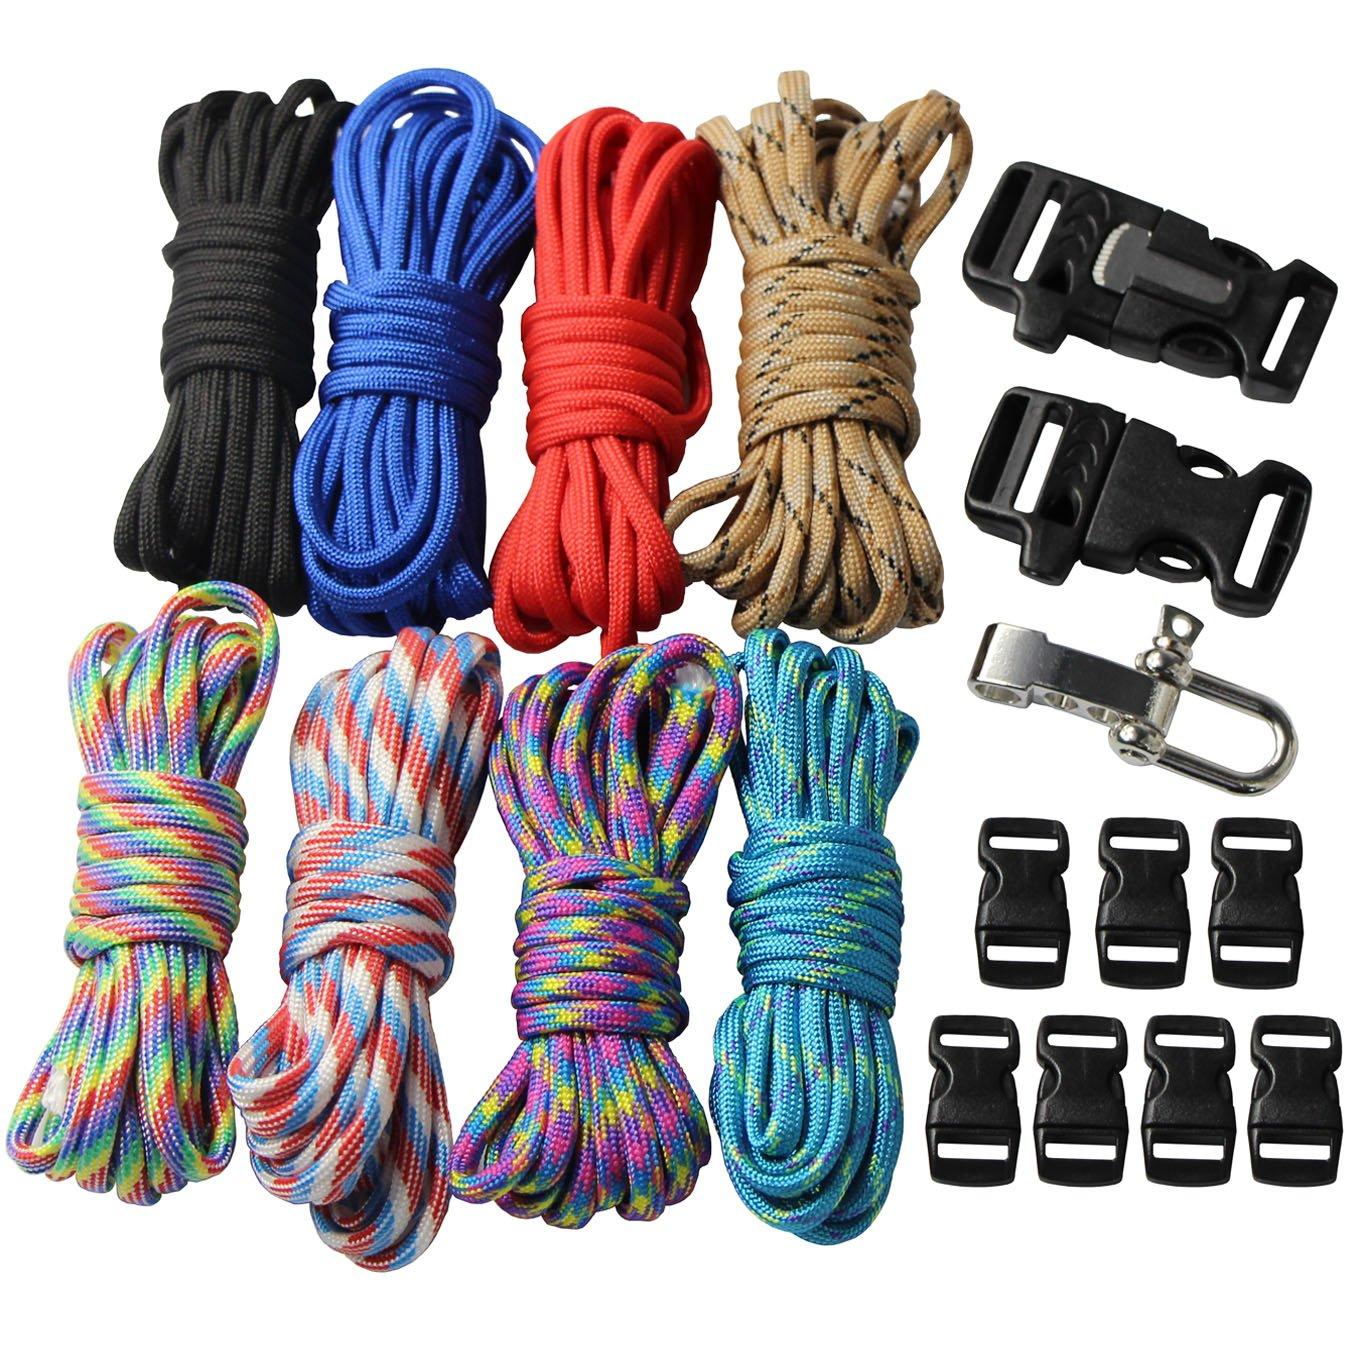 Kit con hebillas de pulseras trenzados de paracaídas, cuerda al aire libre cuerda de supervivencia manual 18 pcs UOOOM